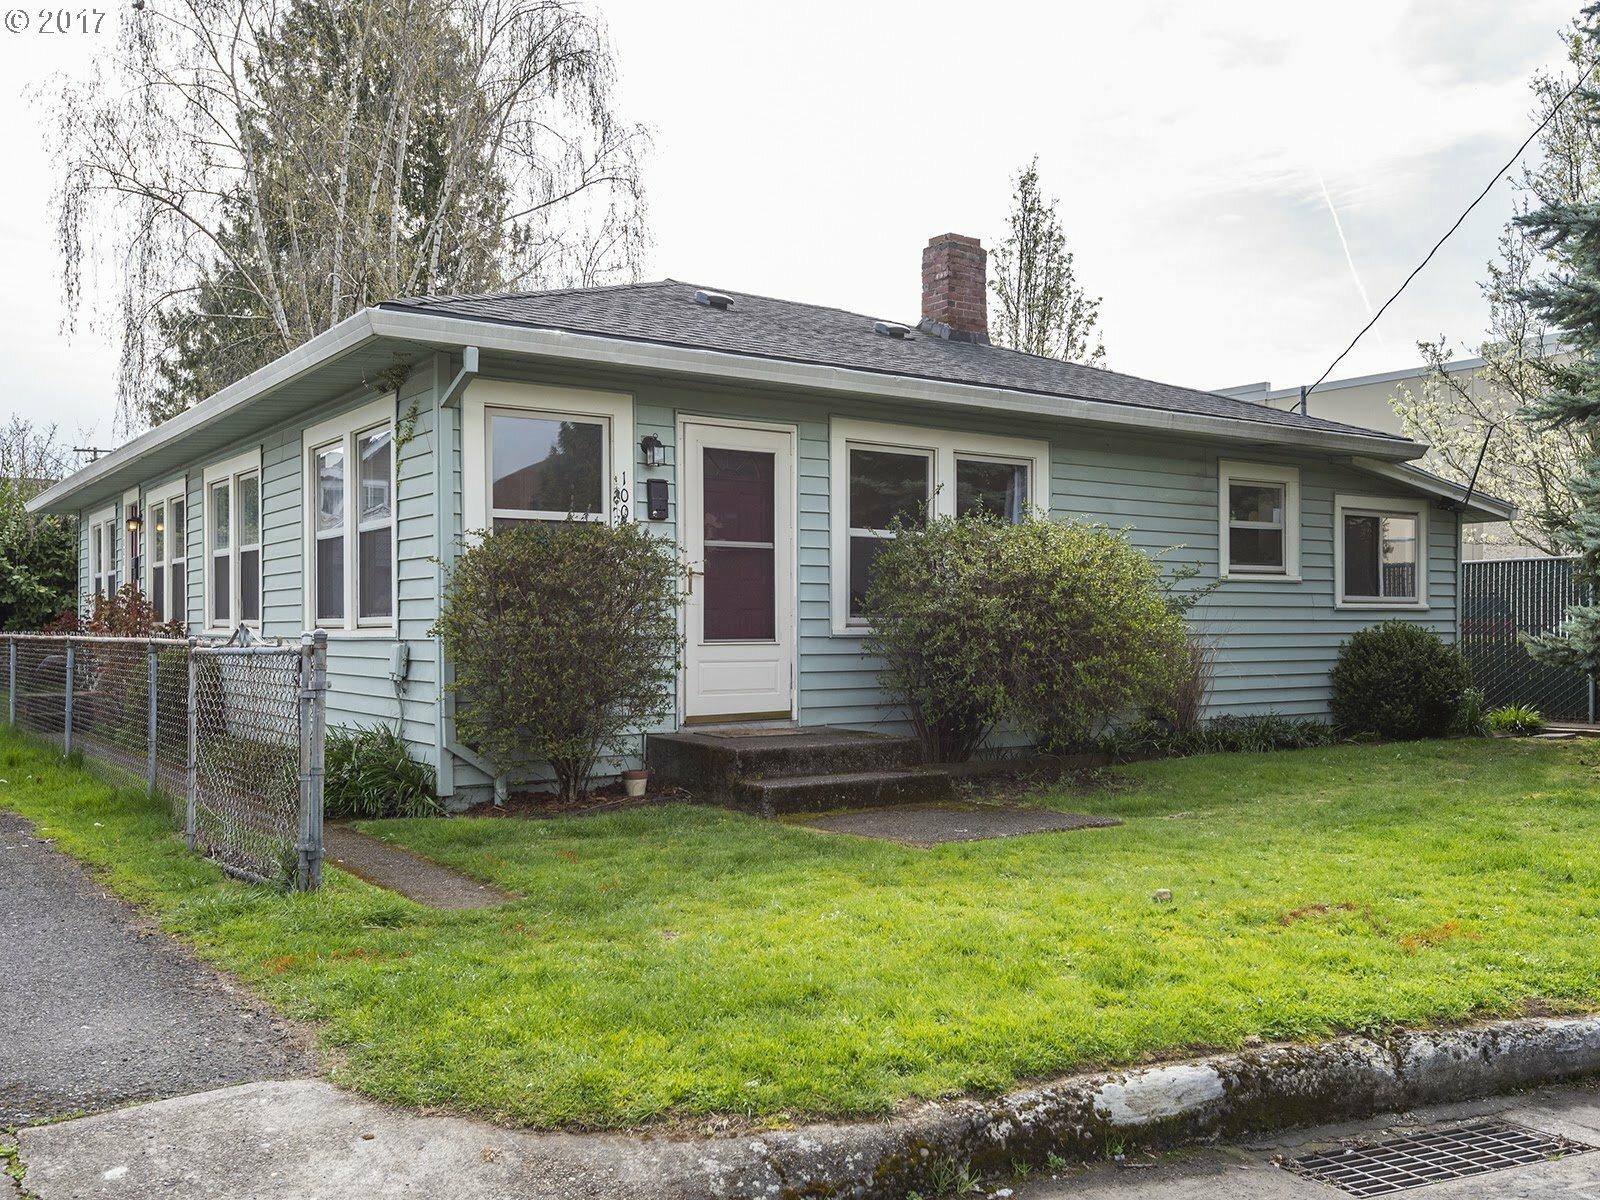 1006 Ne 57th Ave, Portland, OR - USA (photo 1)